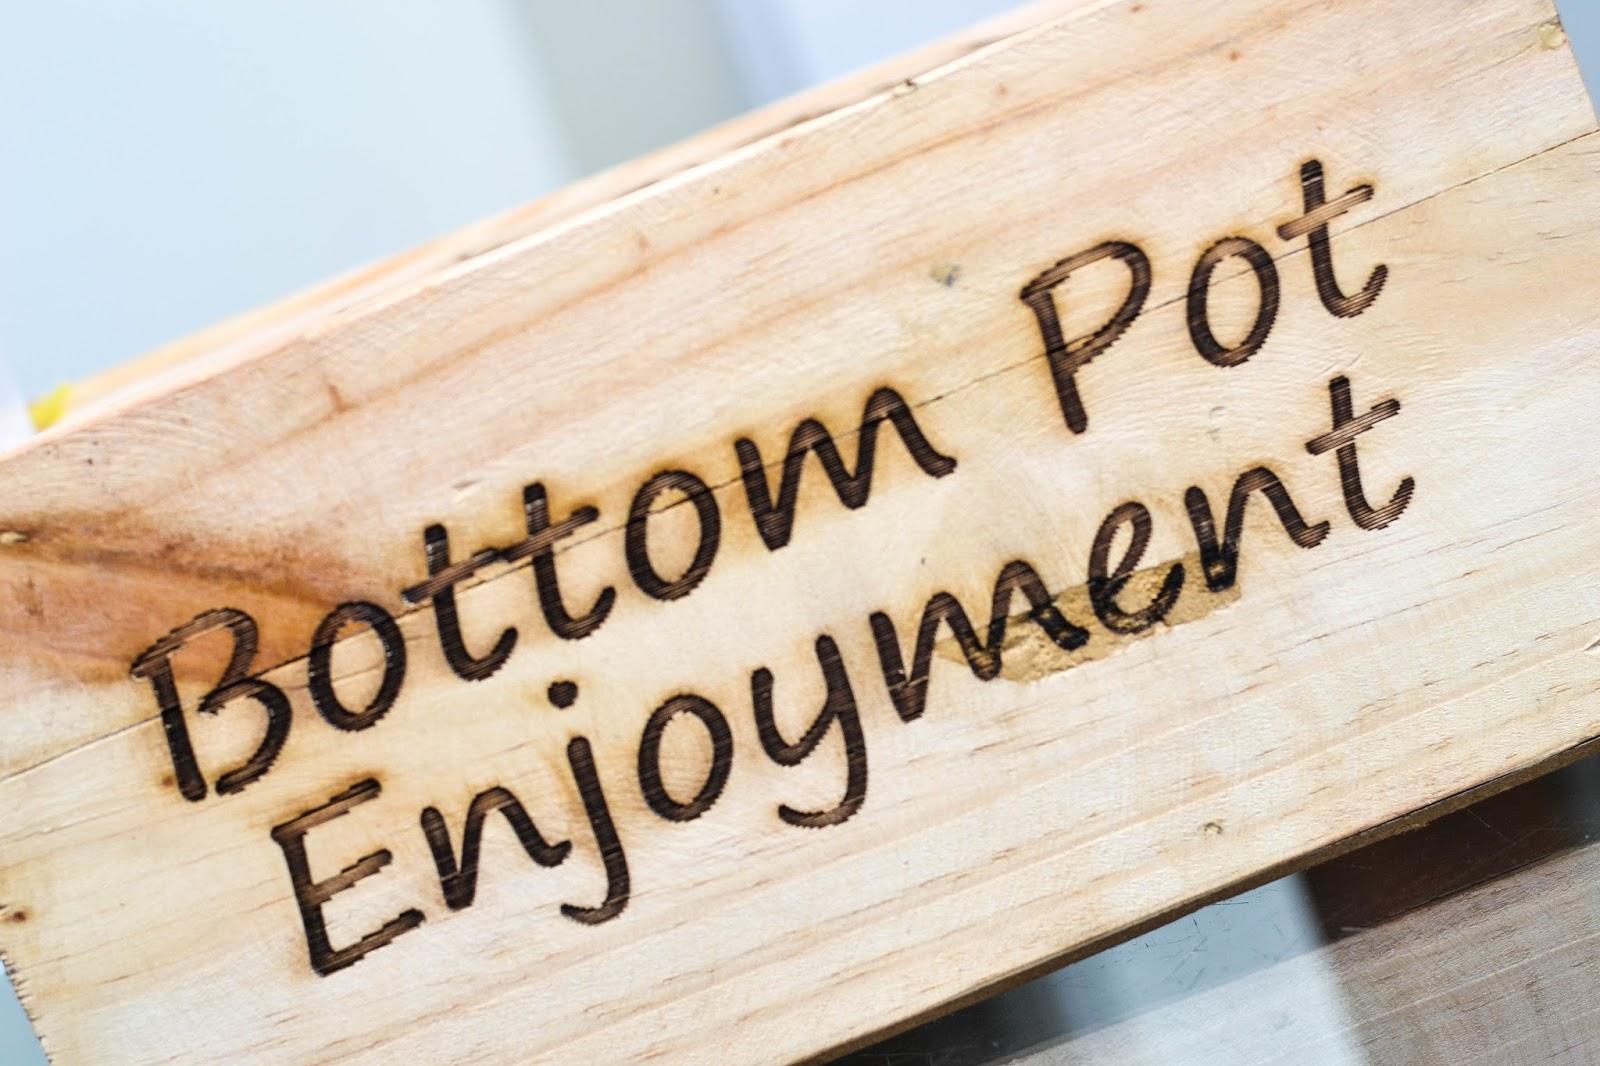 Maggi Bottom Pot Enjoyment